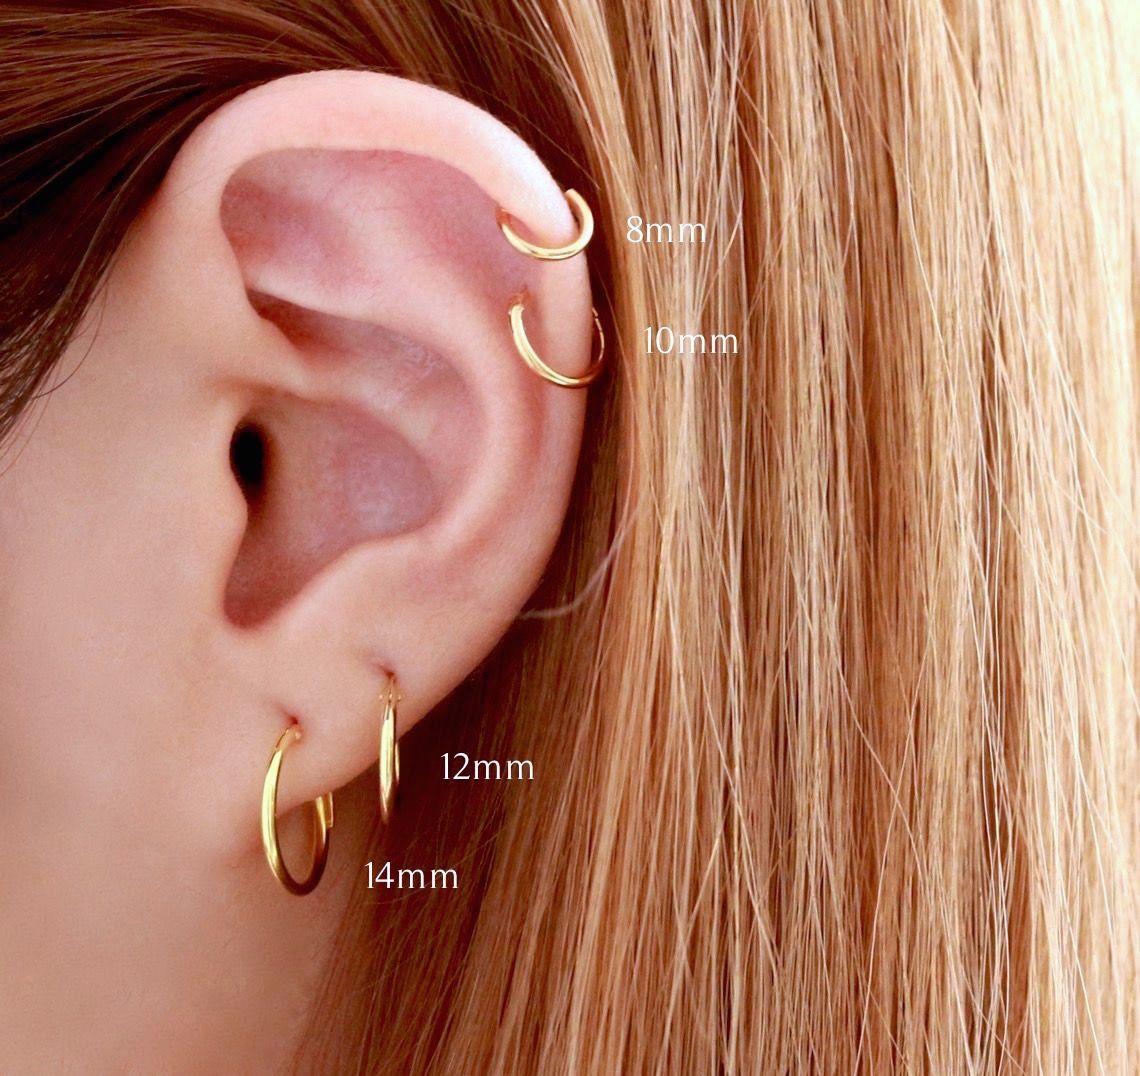 Nose and ear piercing  mm Hoop Earring Piercings  Ear  Pinterest  Piercings Piercing